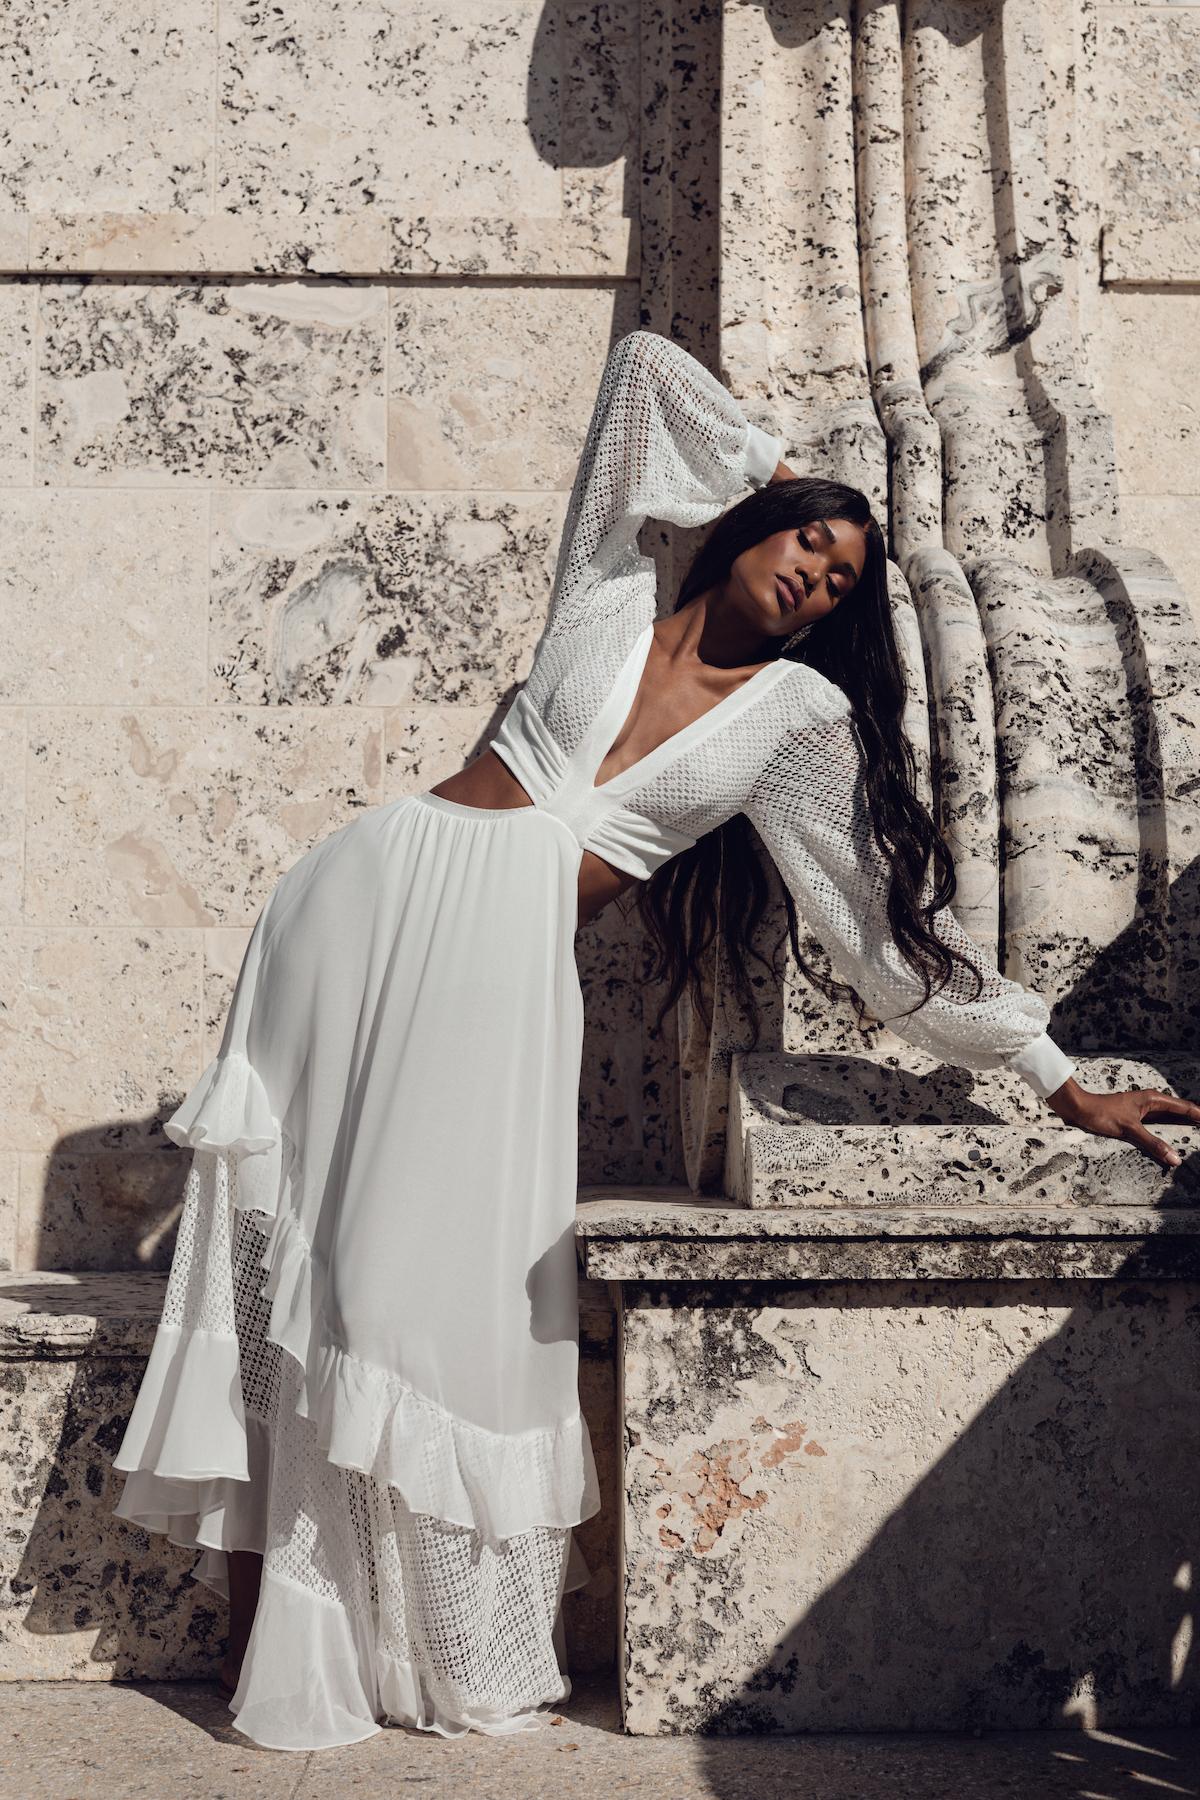 Bridal model in beach wedding dress